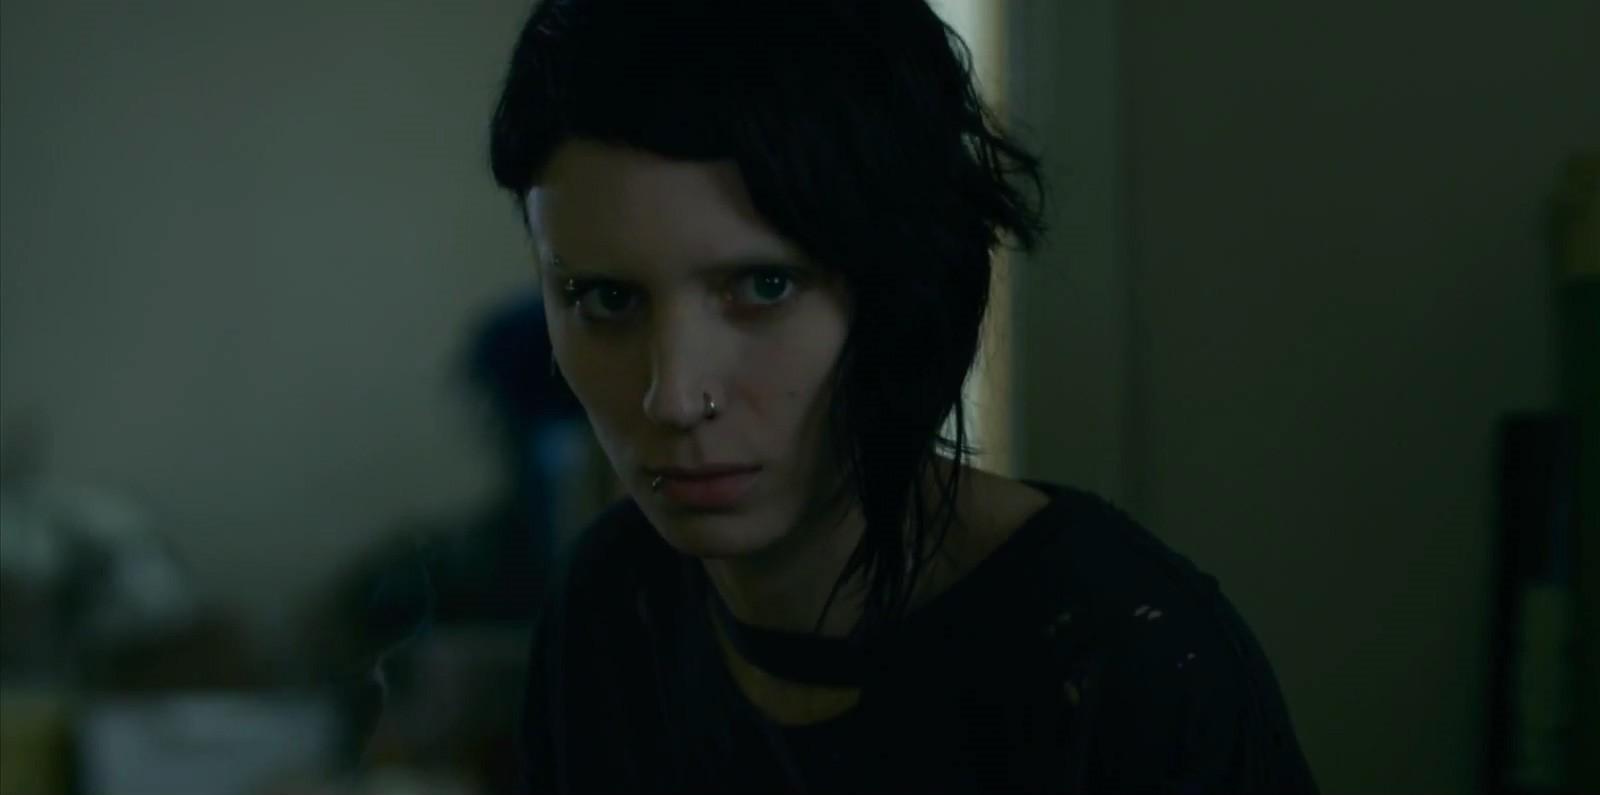 Lisbeth Salander - Rooney Mara